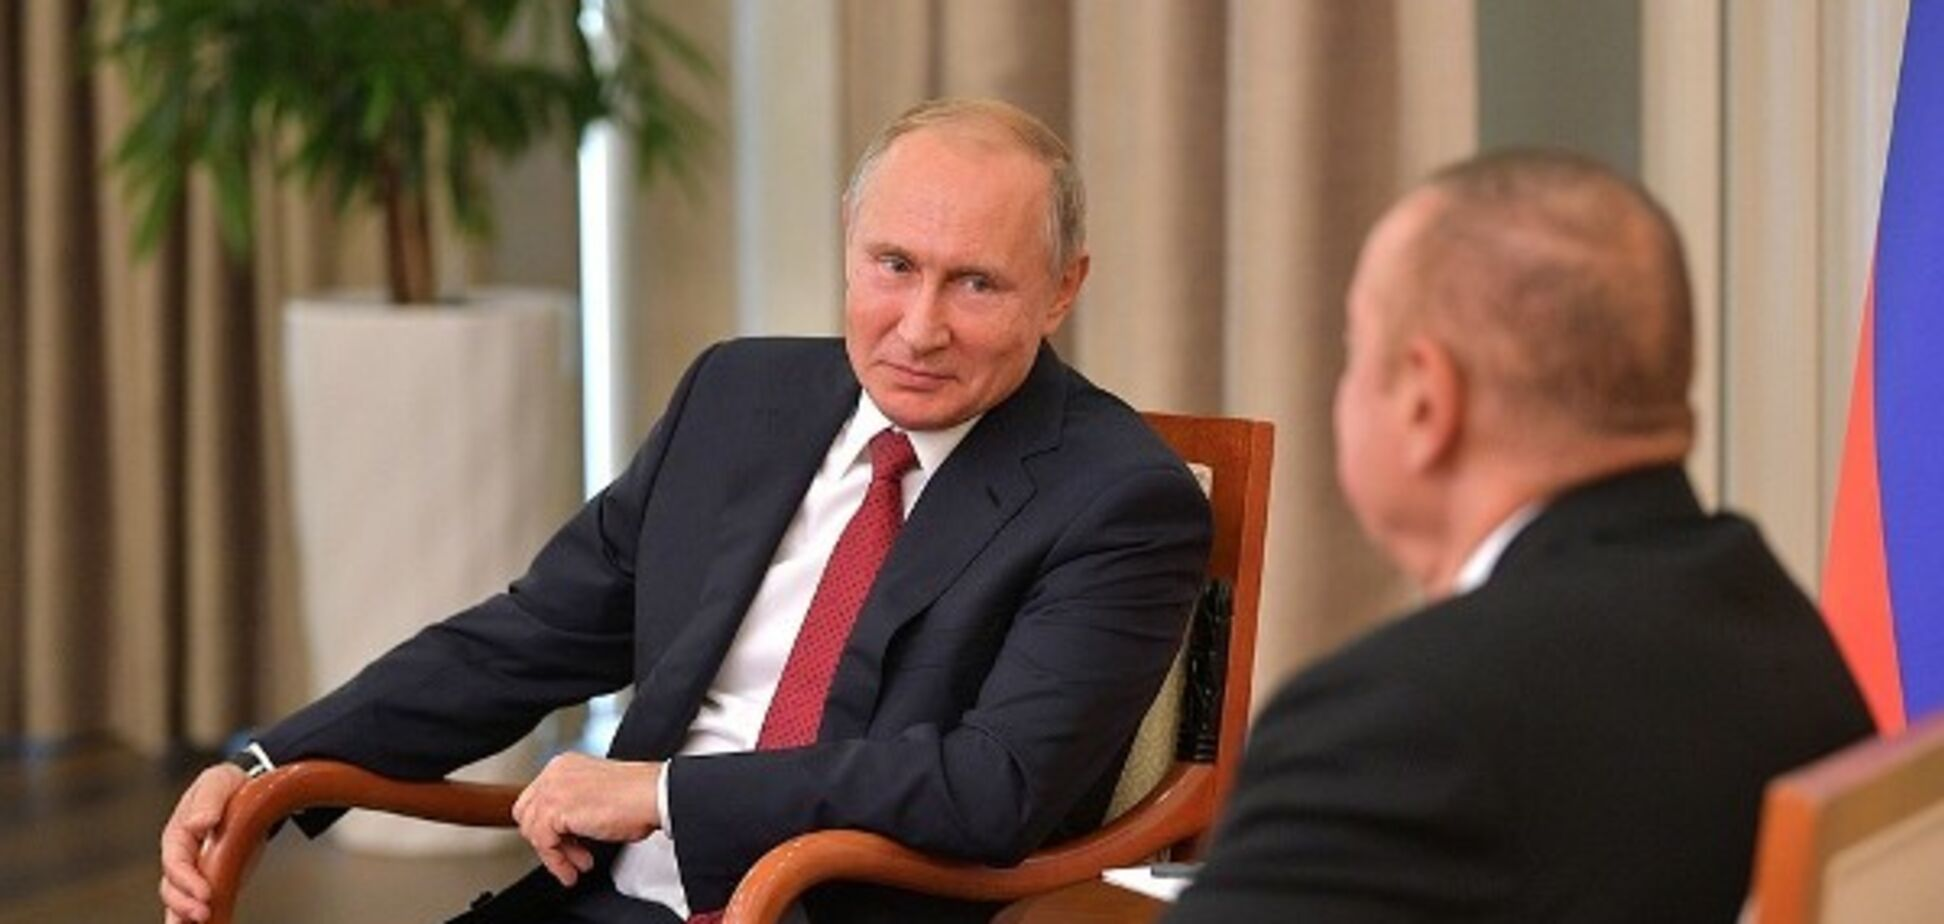 Зачем Путин приезжал в Баку?